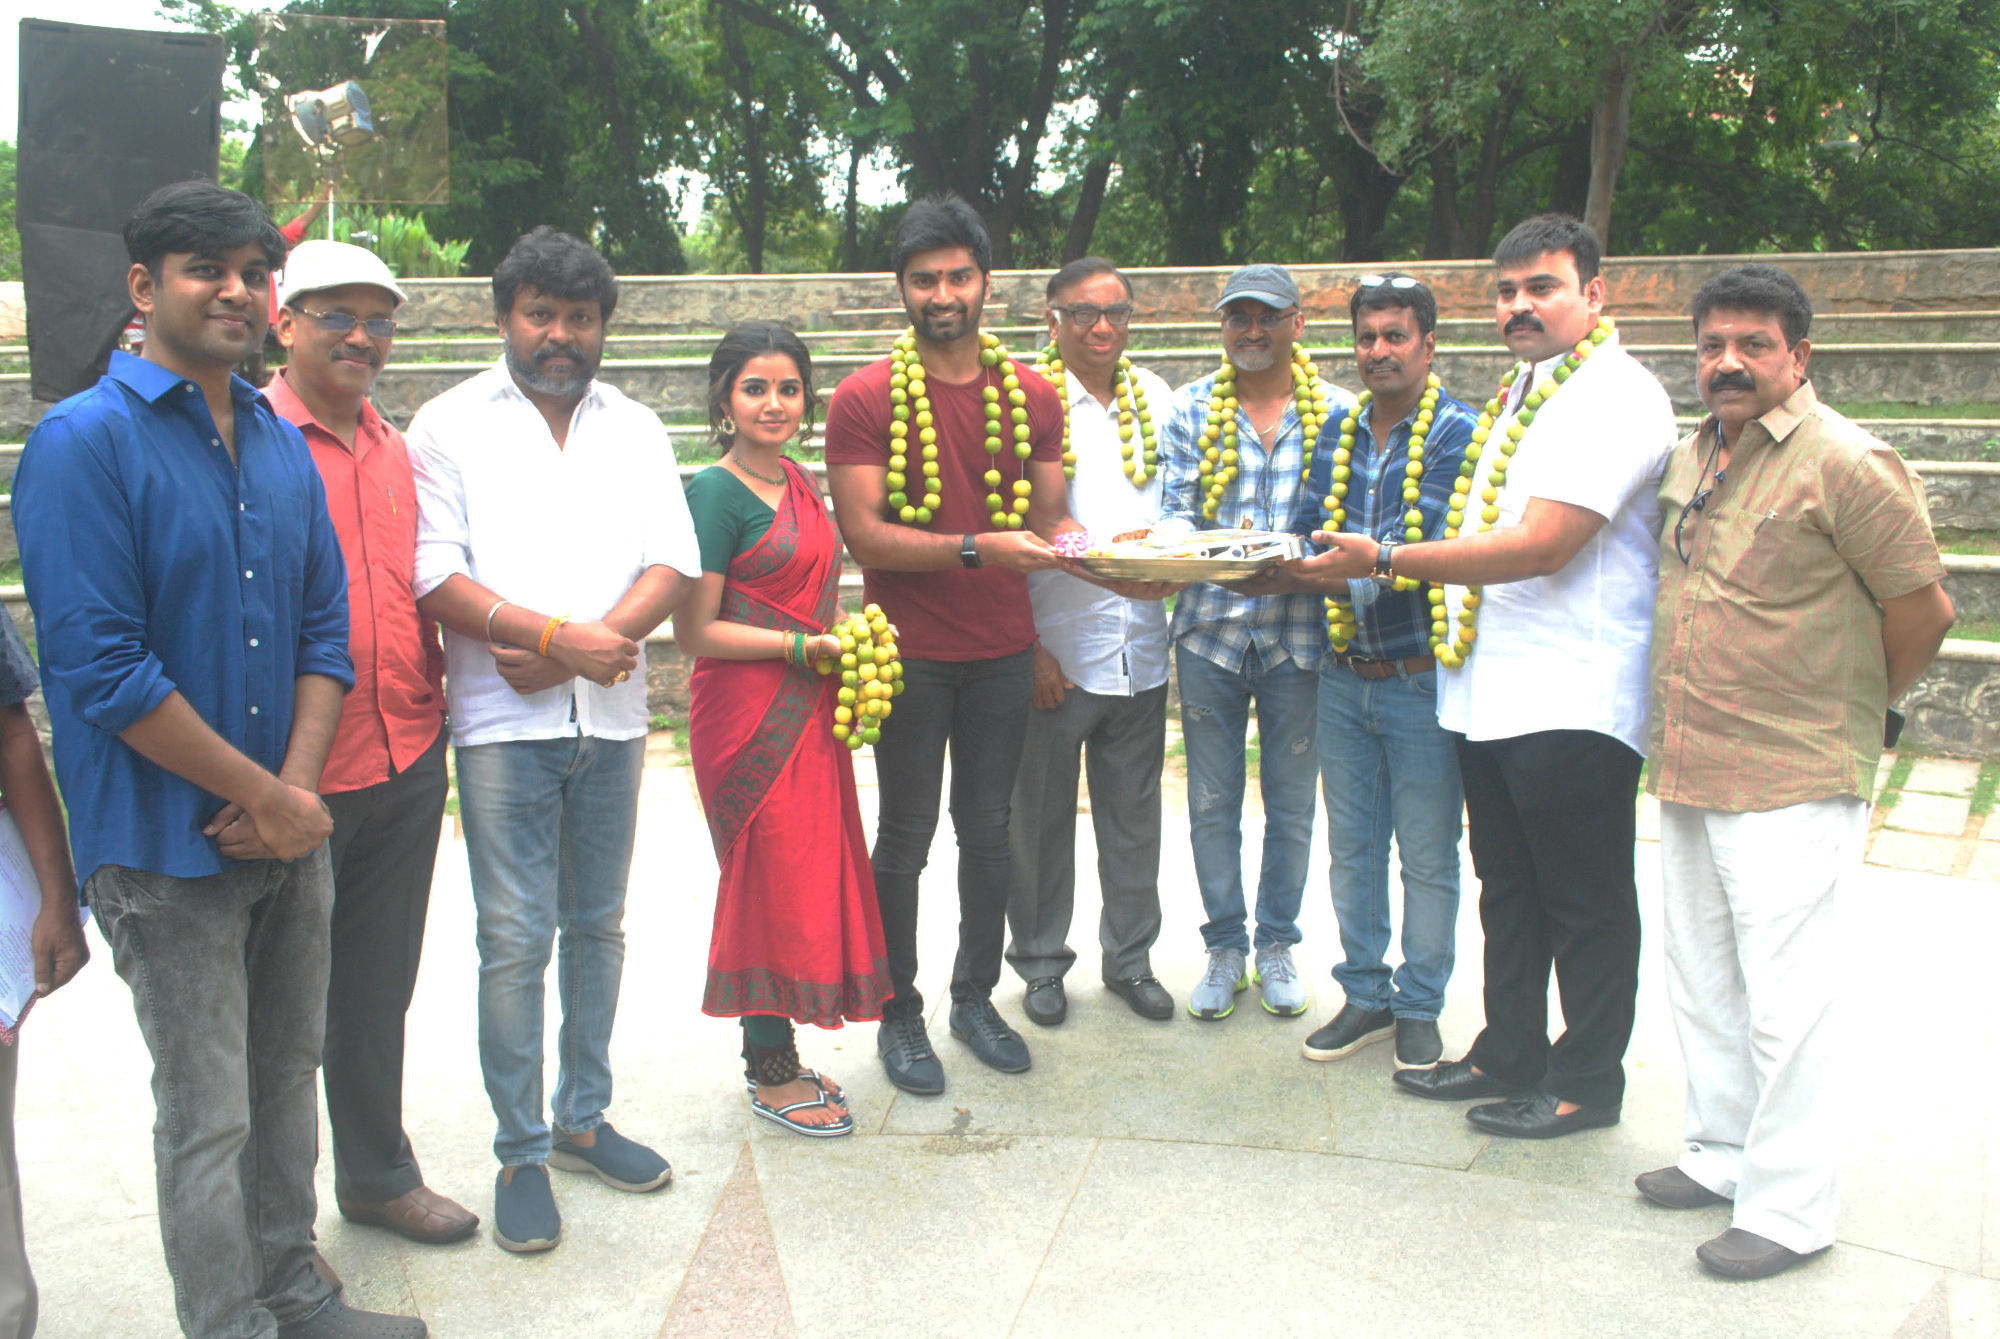 Atharvaa Murali and Anupama Parameswaran